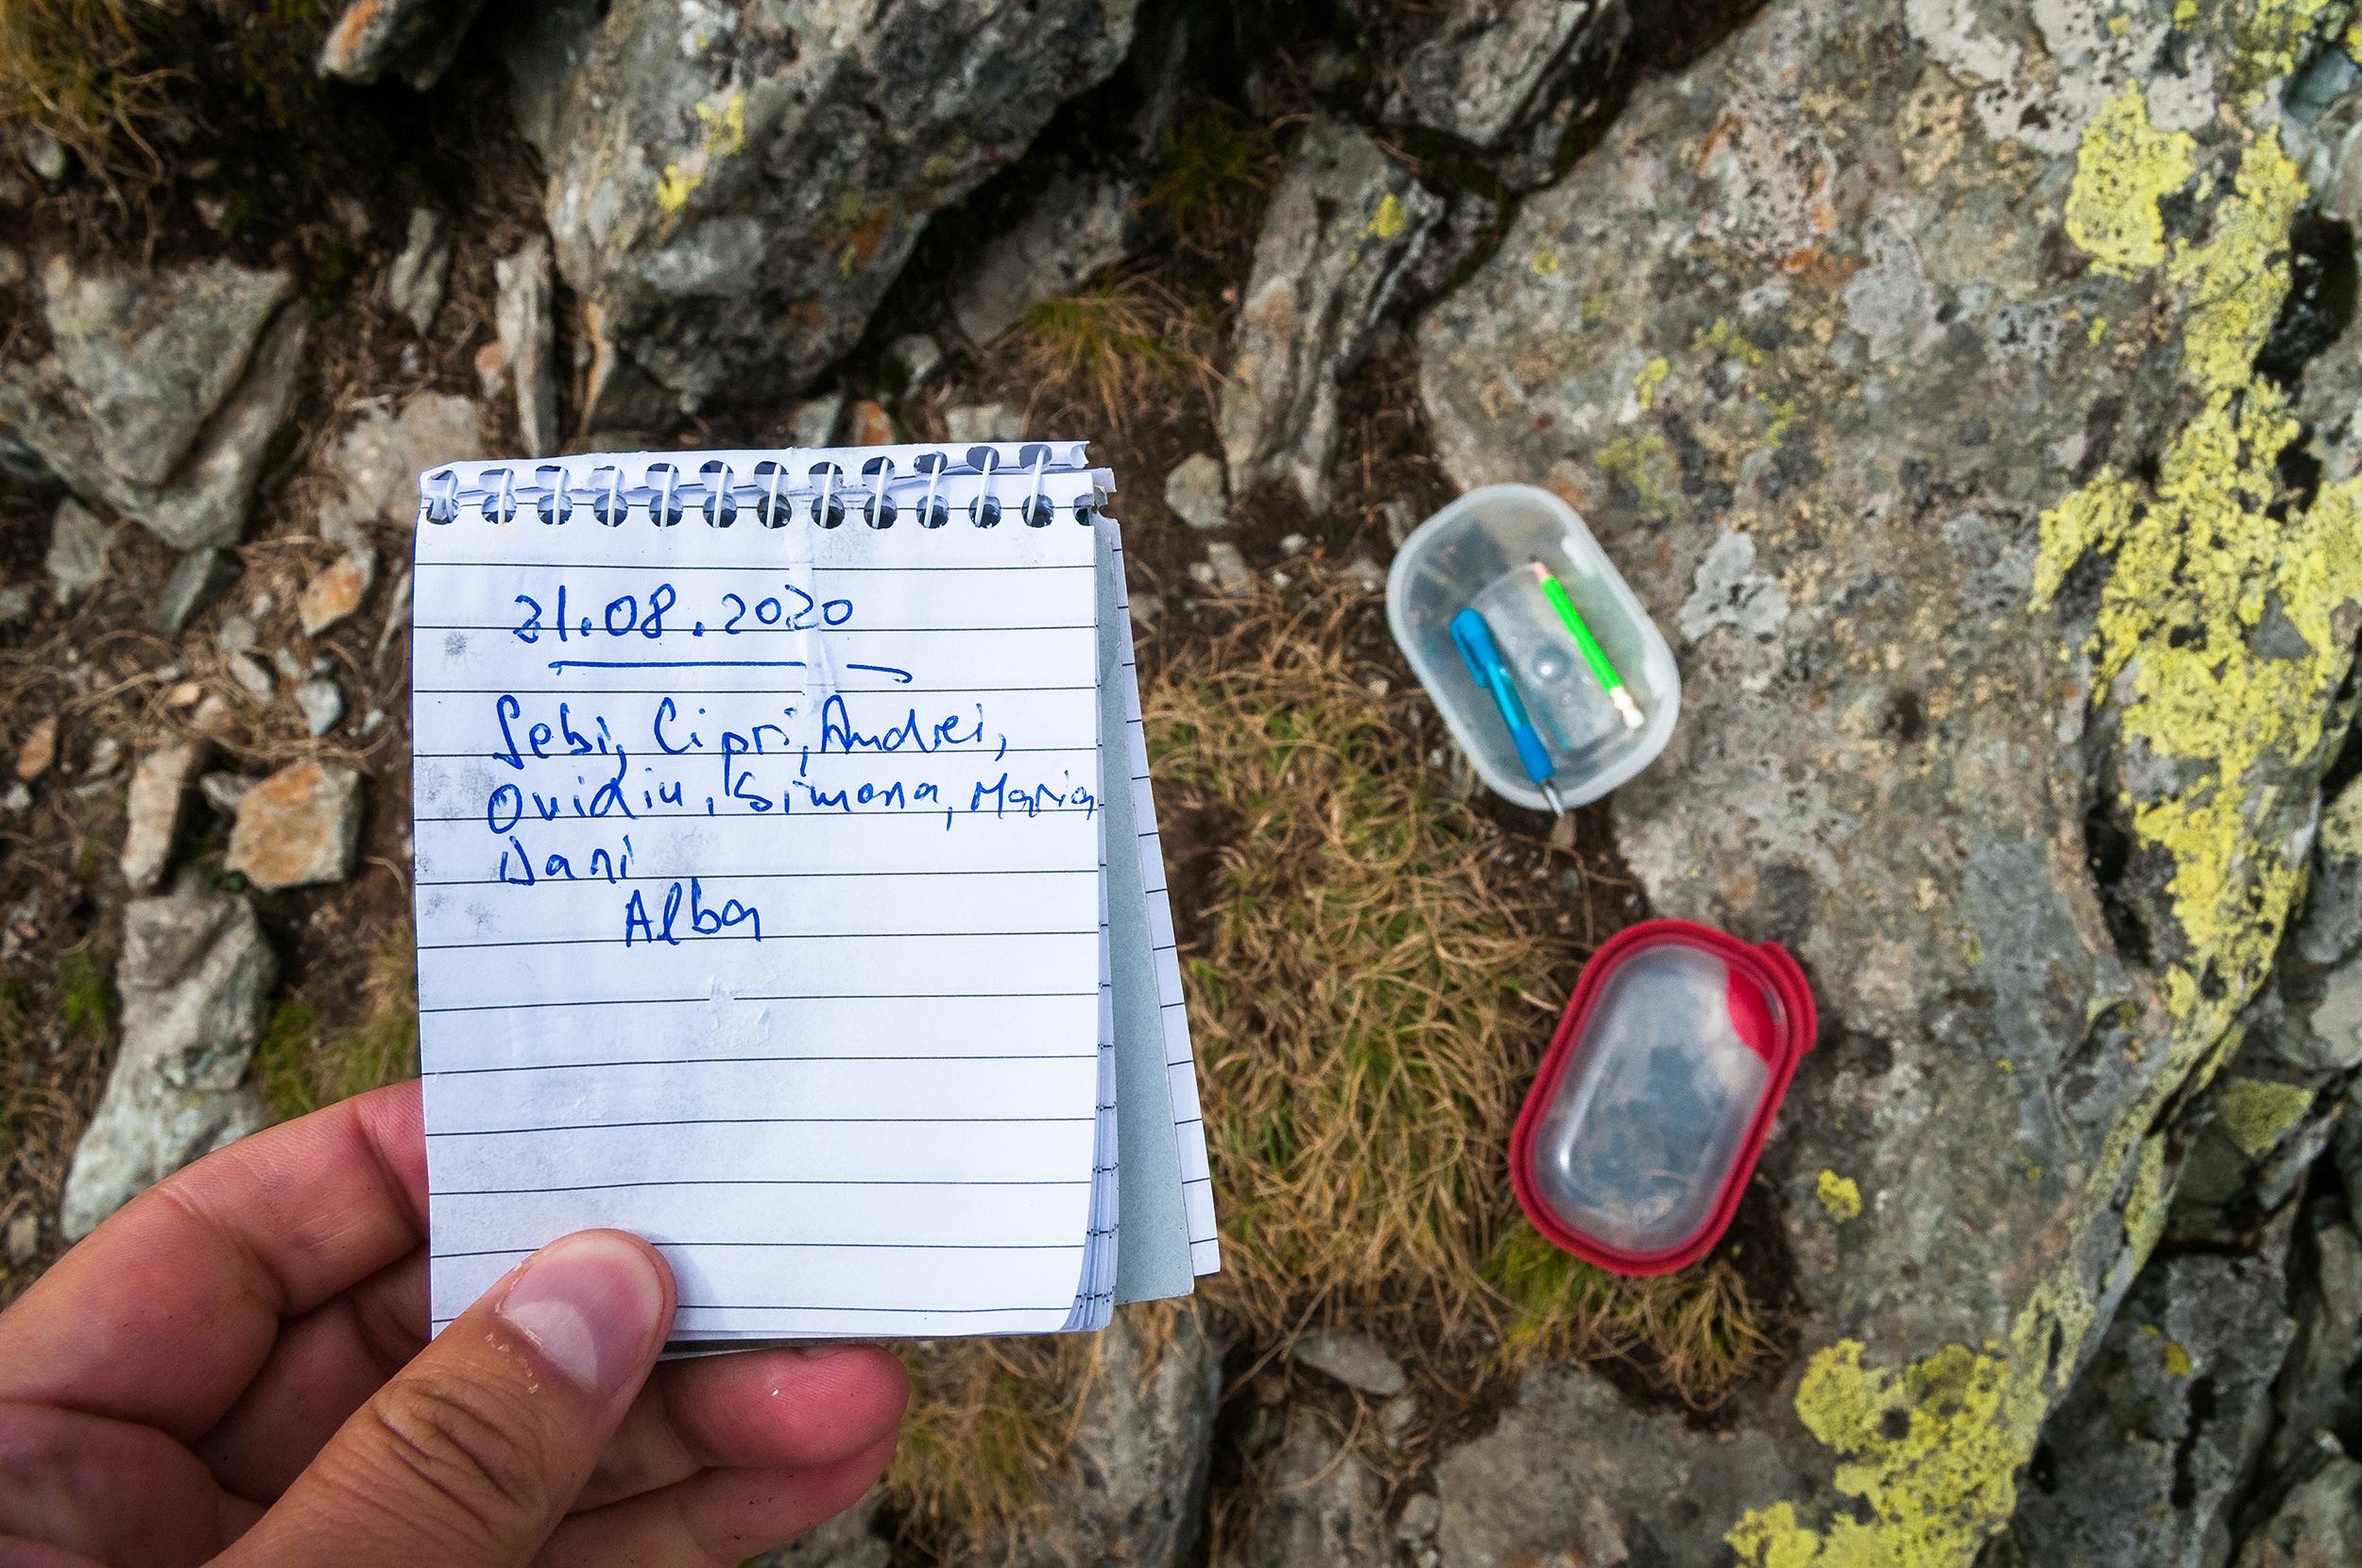 Găsim o cutiuță geocaching și ne scriem și noi numele în carnețel. Îl punem apoi la locul lui, pentru alți găsitori.